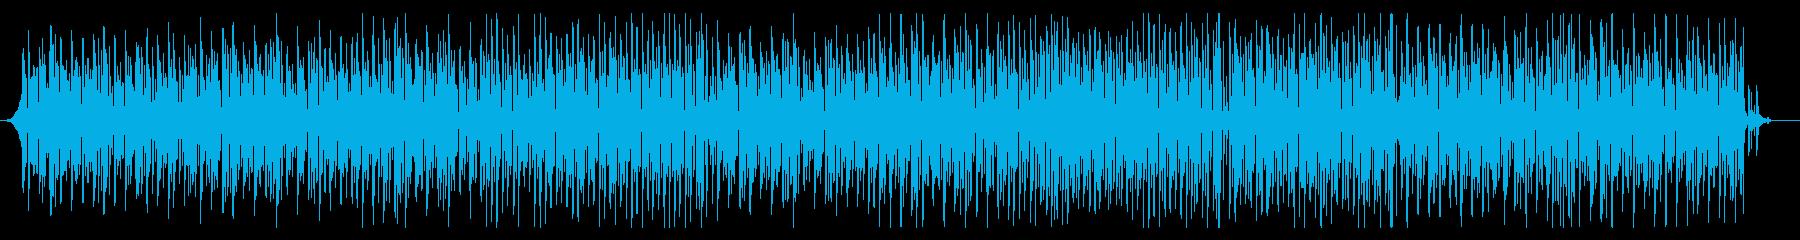 CMやVPに ピアノかわいいポップ楽しいの再生済みの波形